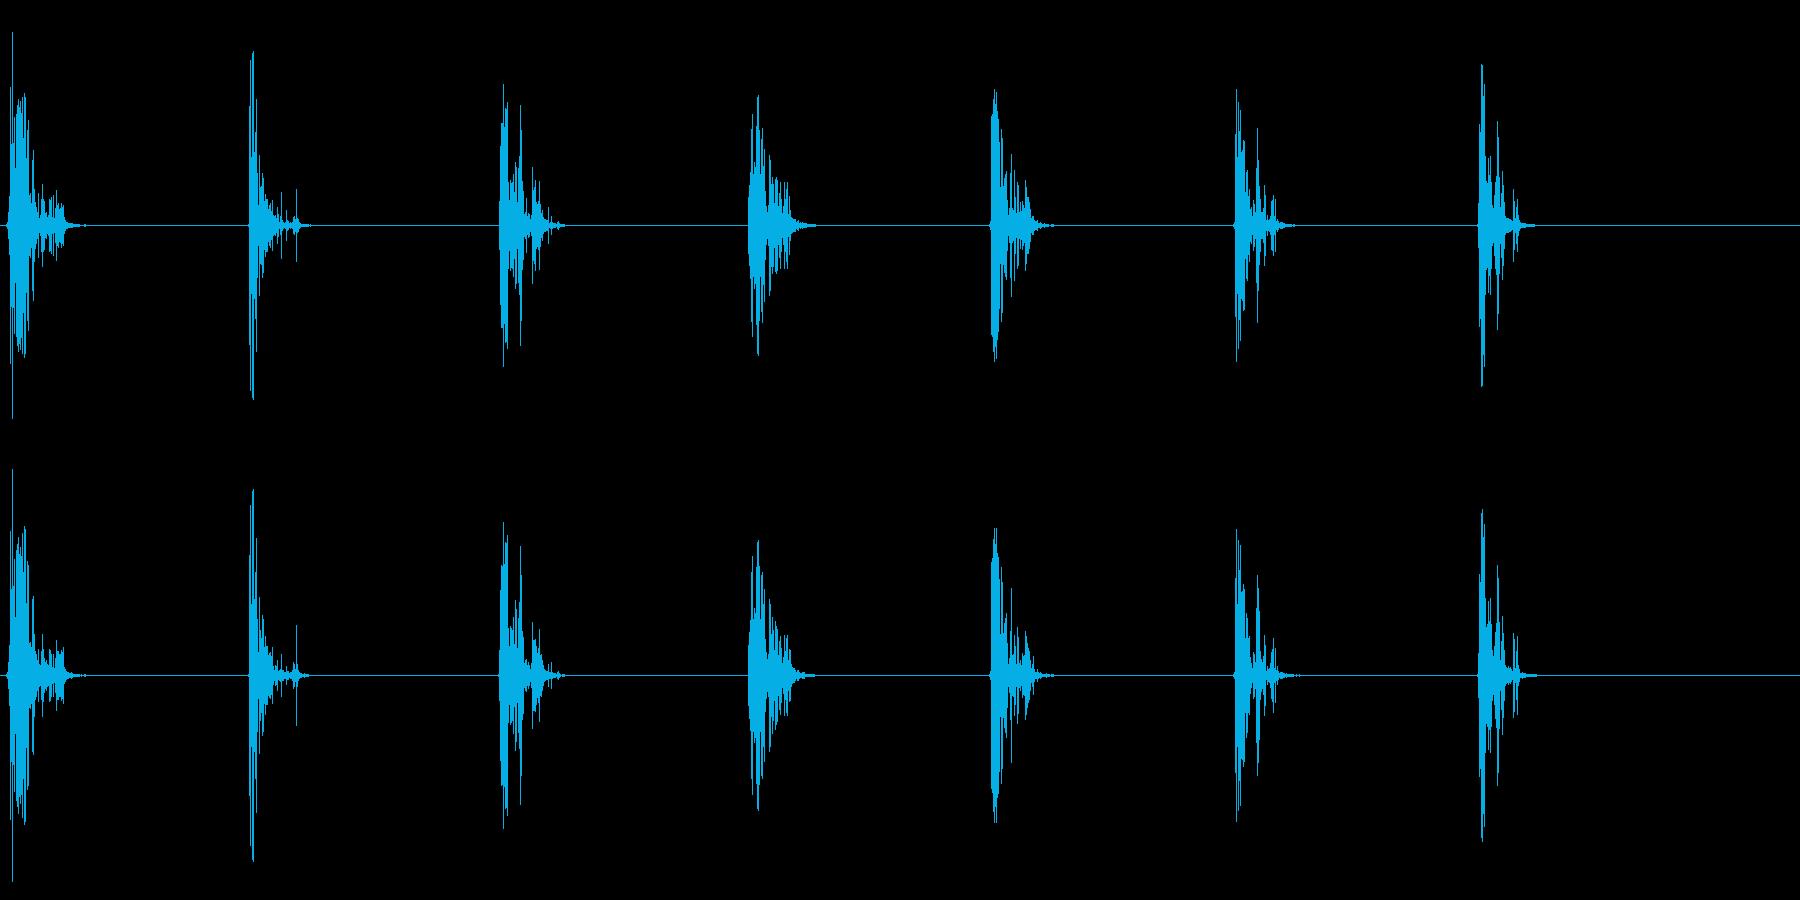 [生録音]ゴクゴクゴク…飲み込む音06の再生済みの波形